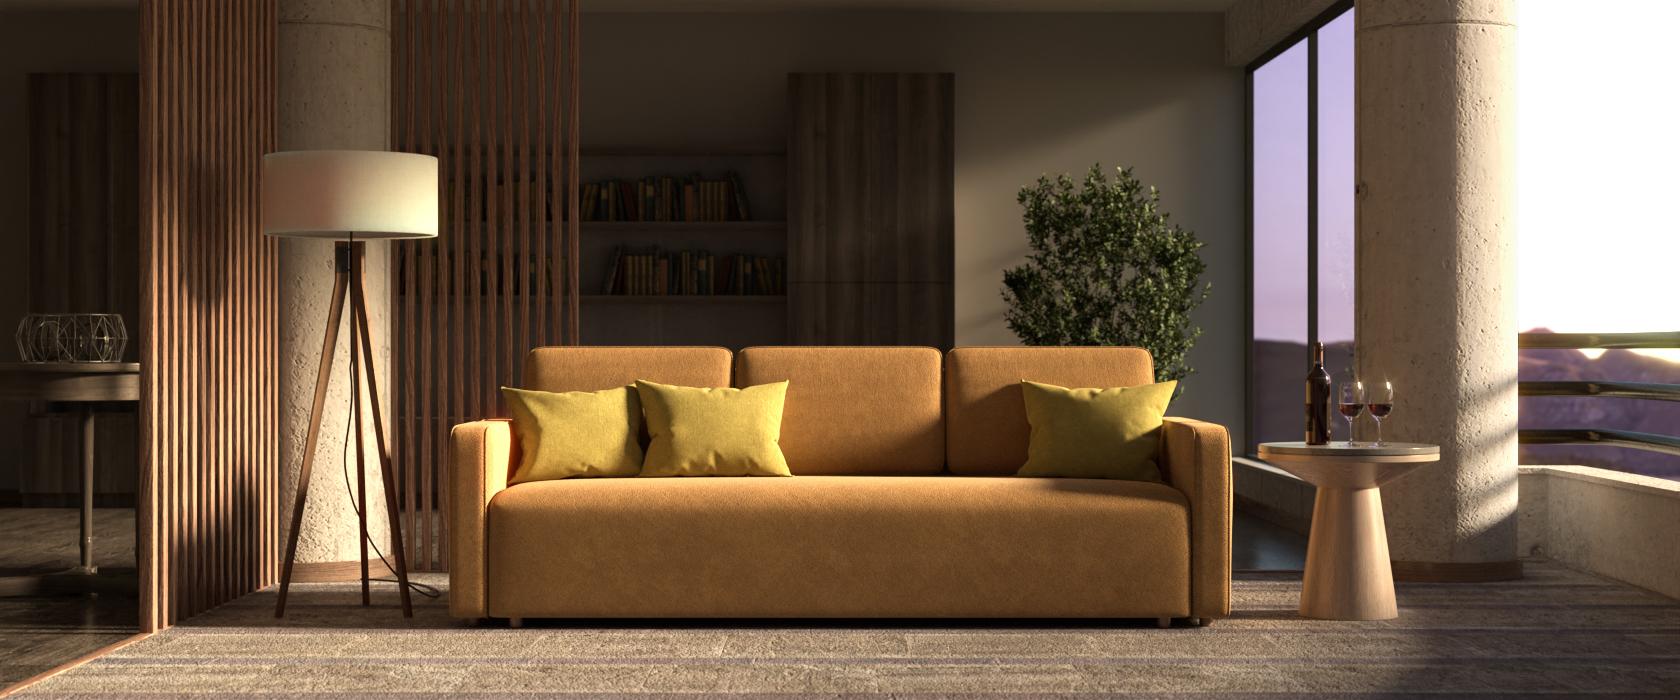 Тримісний диван Alonzo - Фото 2 - Pufetto